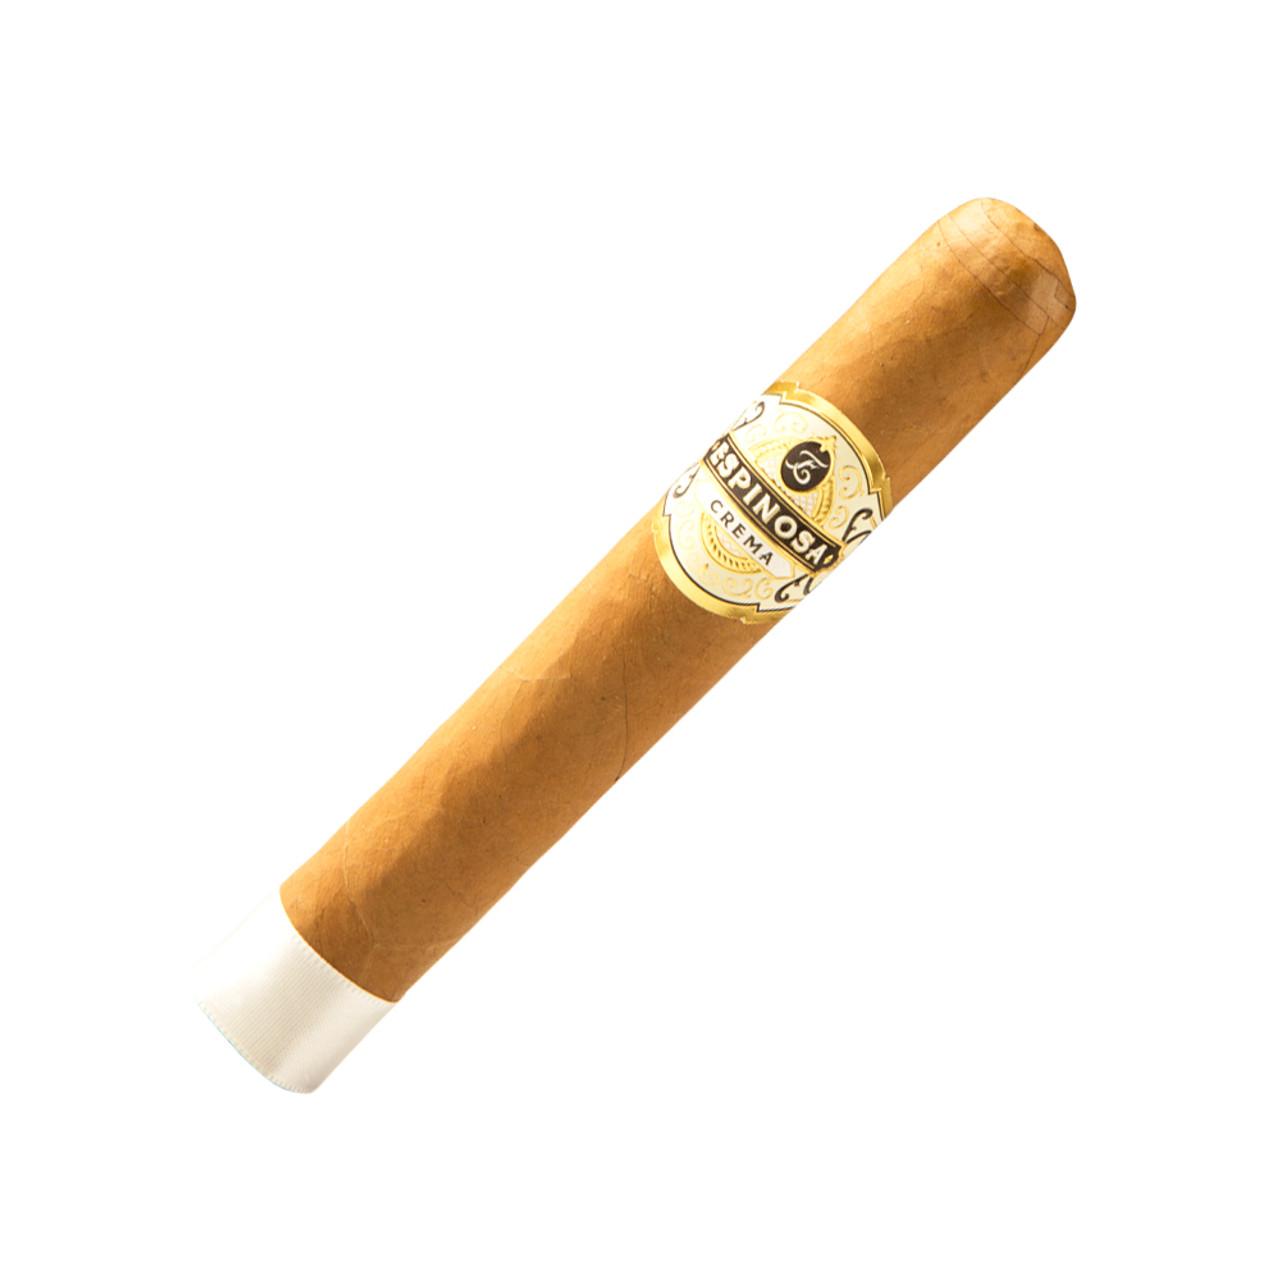 Espinosa Crema No. 4 Robusto Cigars - 5.5 x 52 (Box of 20)